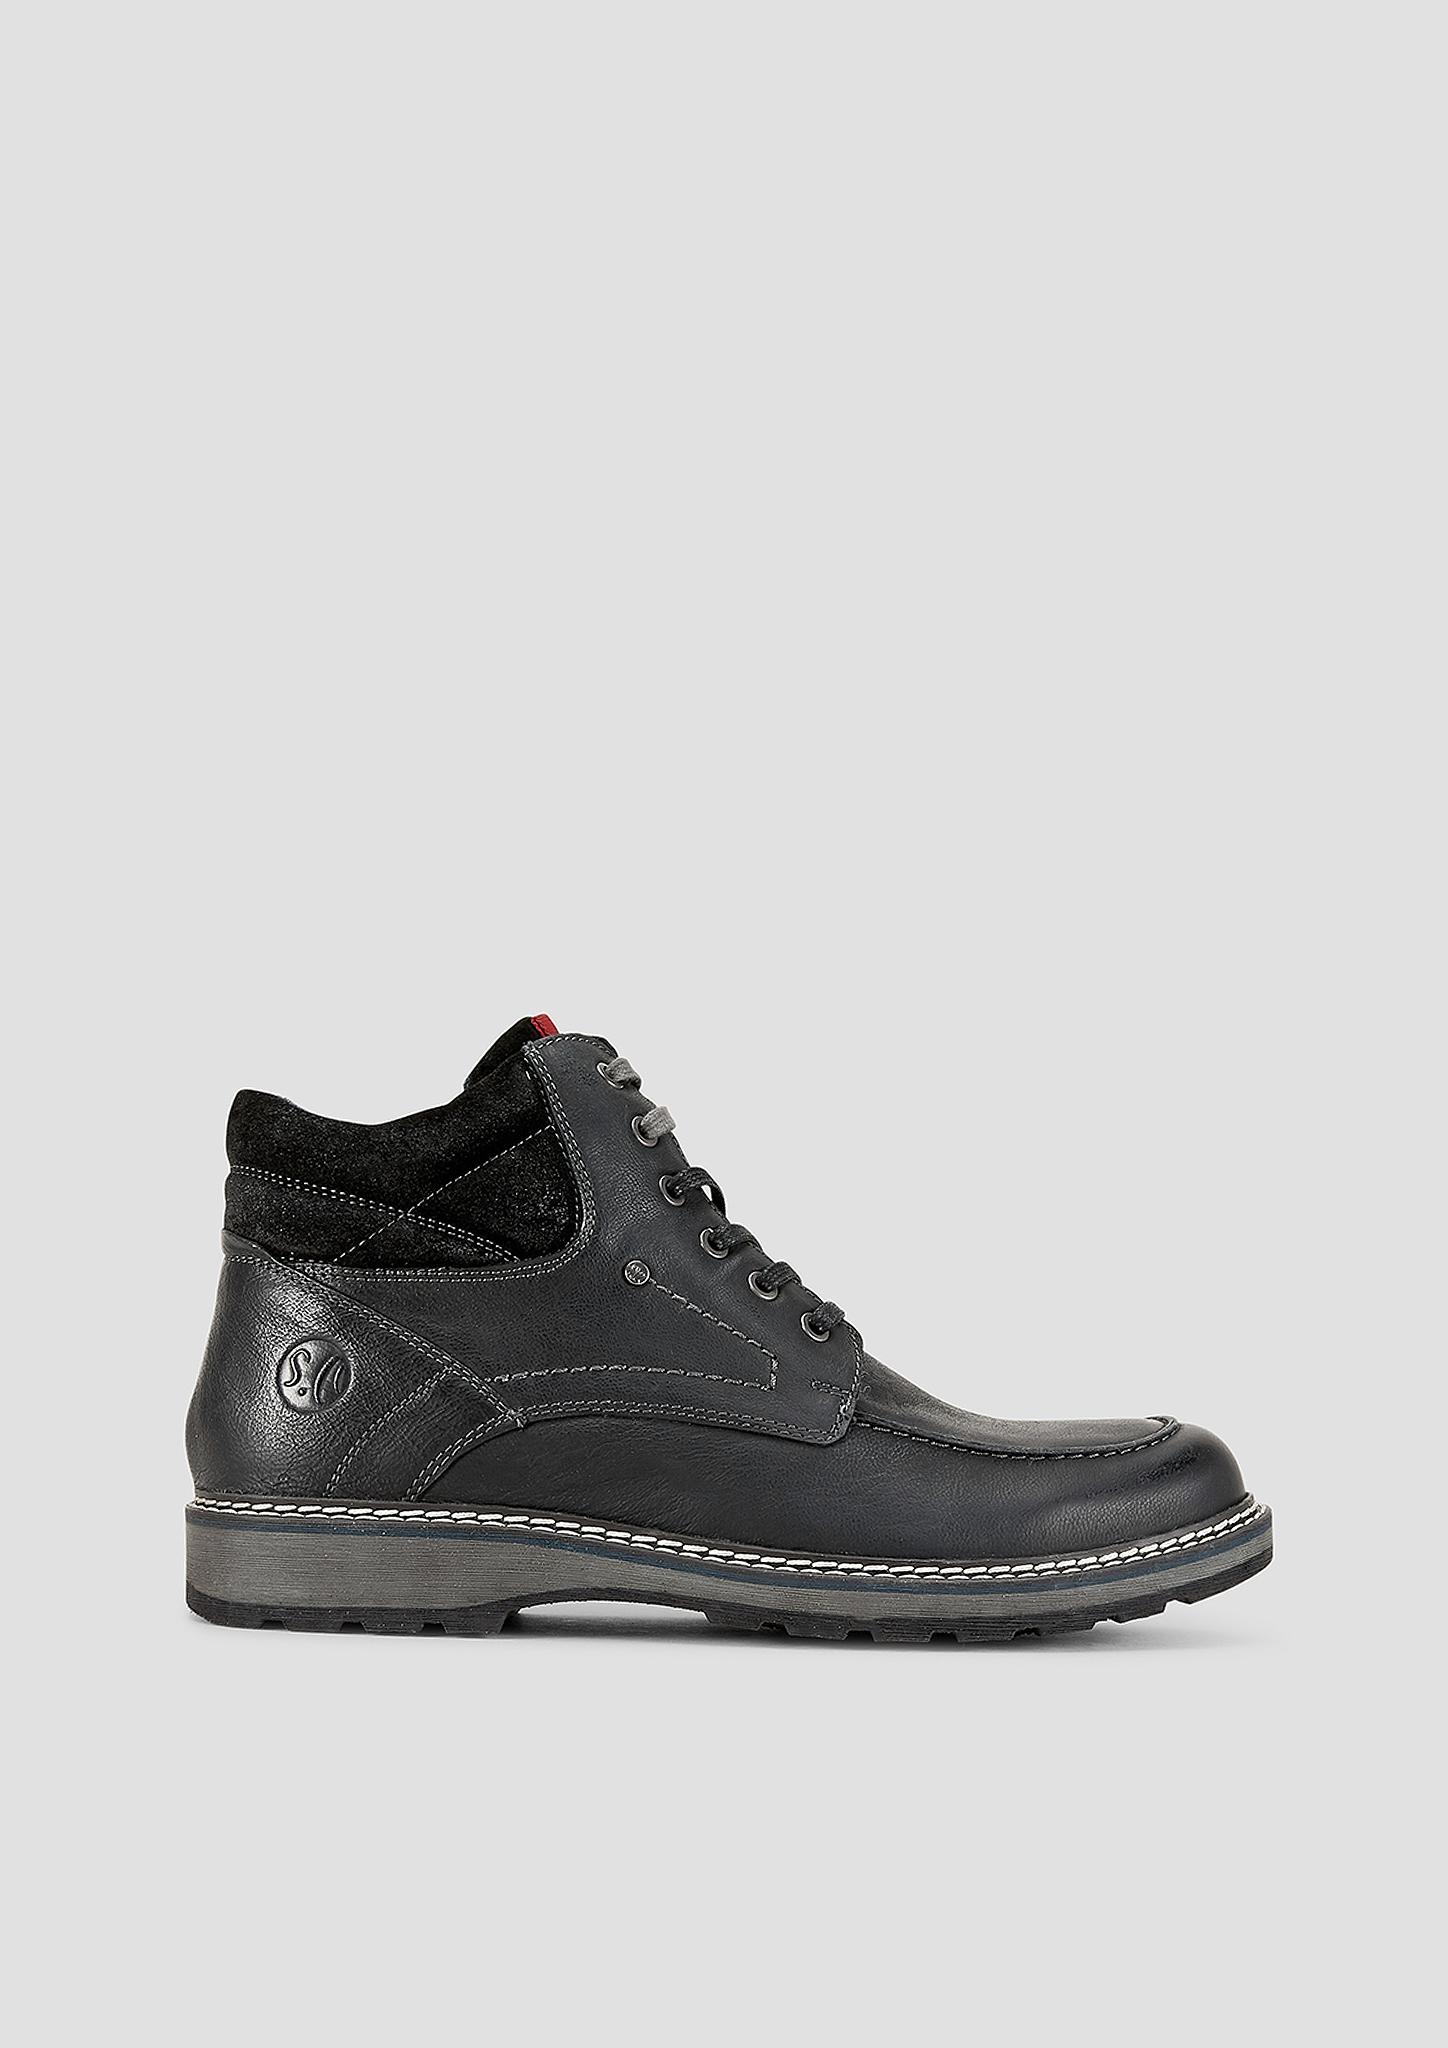 Stiefel | Schuhe > Boots | Schwarz | Obermaterial aus leder| futter aus textil| decksohle aus leder und textil| laufsohle aus synthetik | s.Oliver